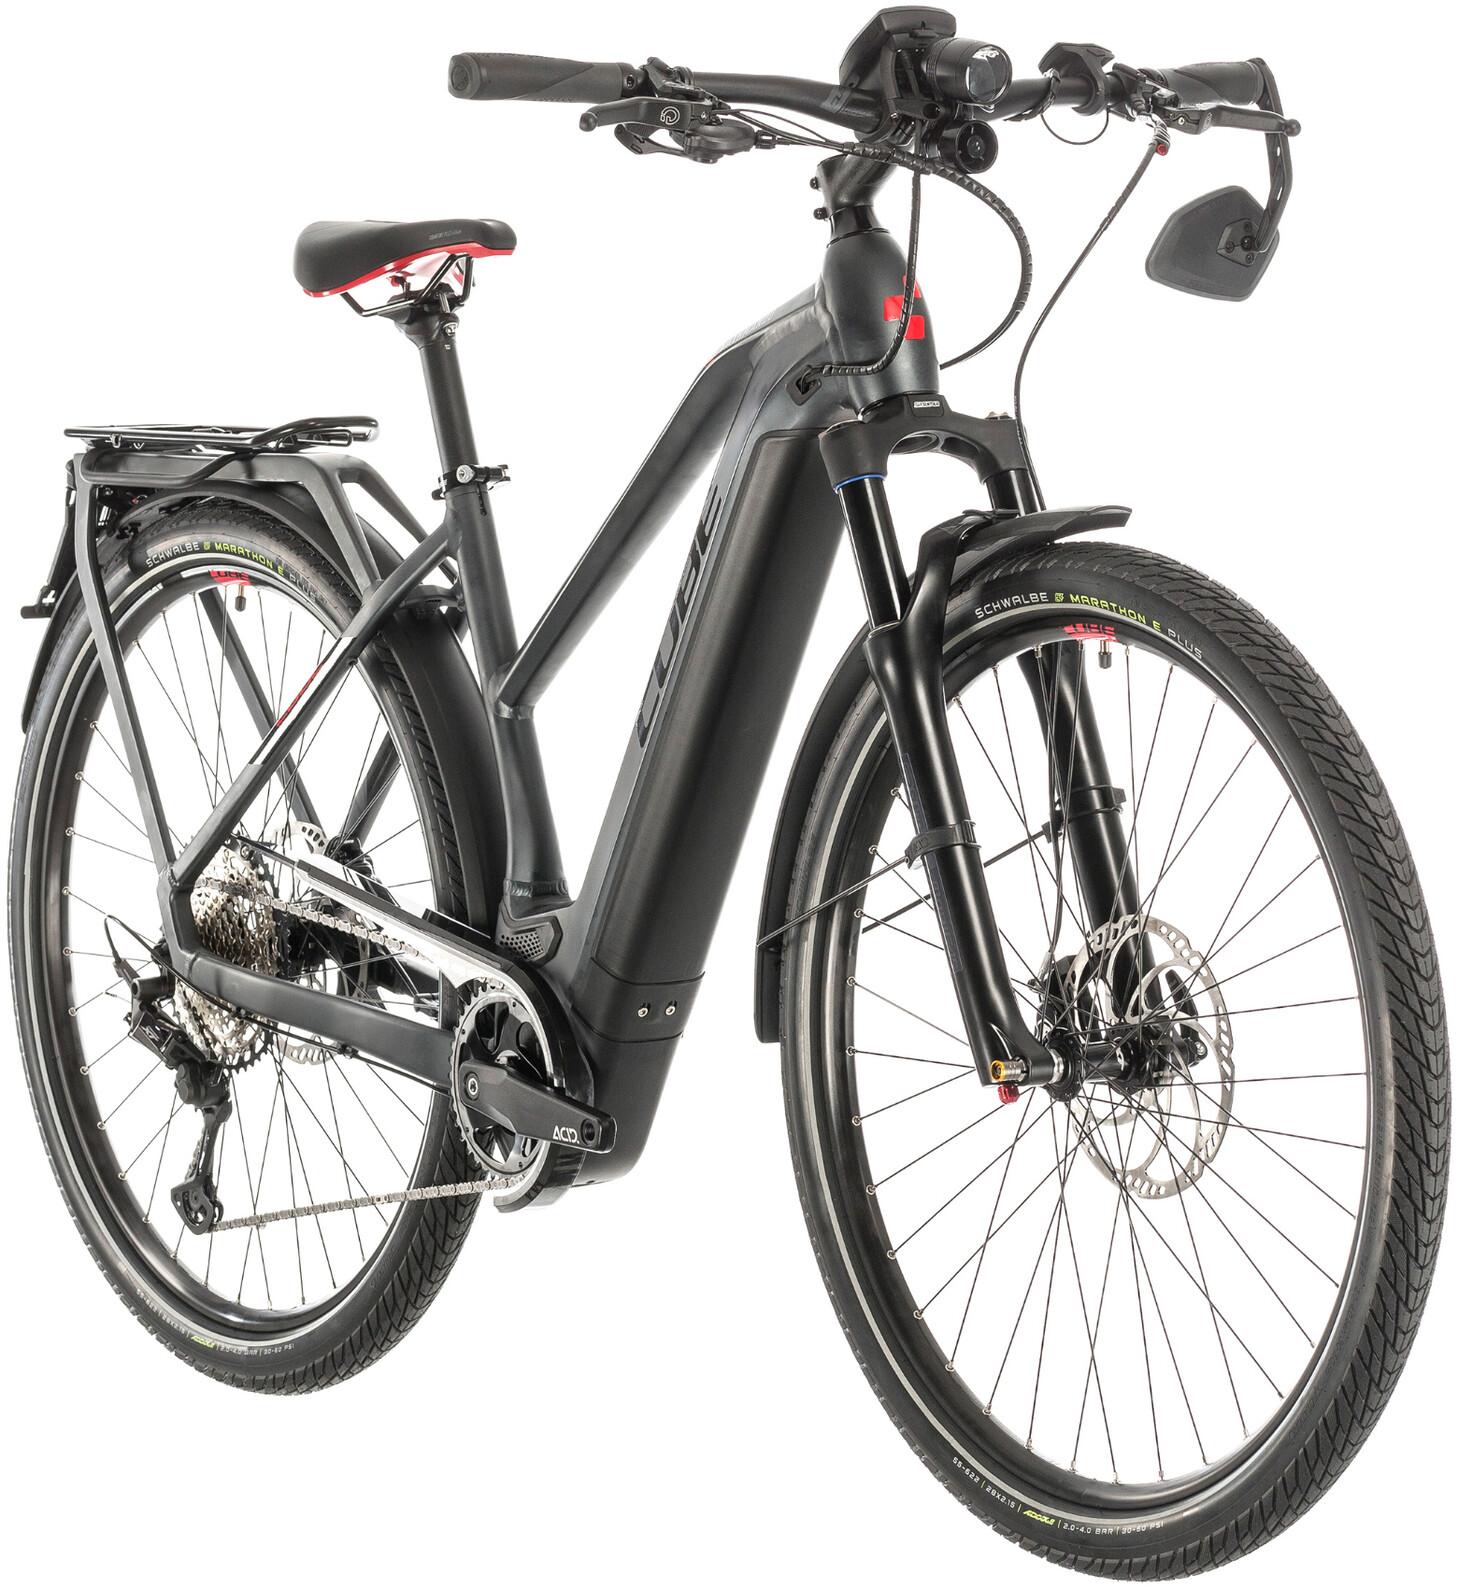 bikester.plriesel design frame protection tape